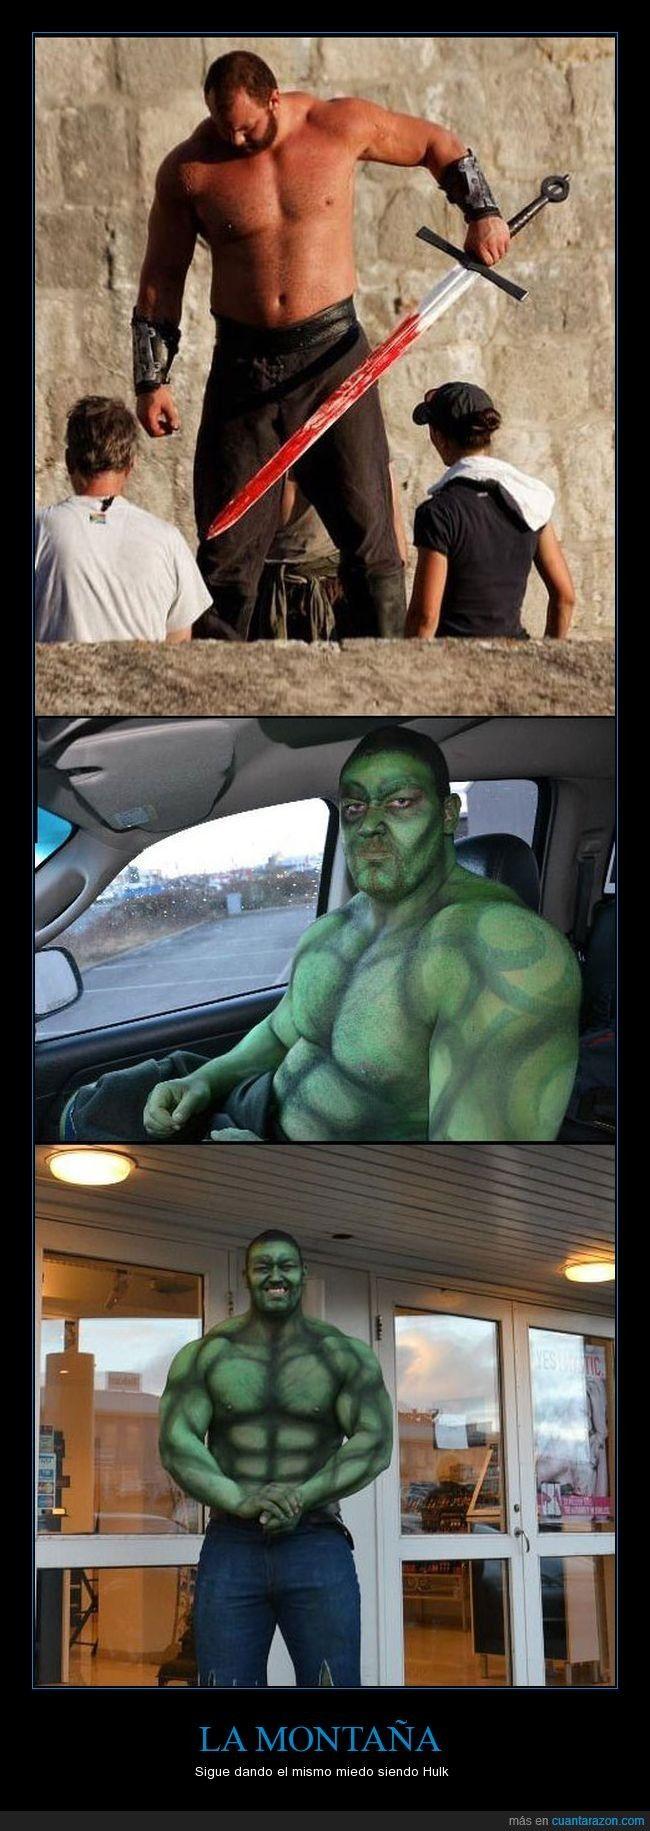 Piden a la Montaña de Juego de Tronos que acuda a una fiesta de niños vestido de Hulk. Y lo hace - Sigue dando el mismo miedo siendo Hulk   Gracias a http://www.cuantarazon.com/   Si quieres leer la noticia completa visita: http://www.estoy-aburrido.com/piden-a-la-montana-de-juego-de-tronos-que-acuda-a-una-fiesta-de-ninos-vestido-de-hulk-y-lo-hace-sigue-dando-el-mismo-miedo-siendo-hulk/